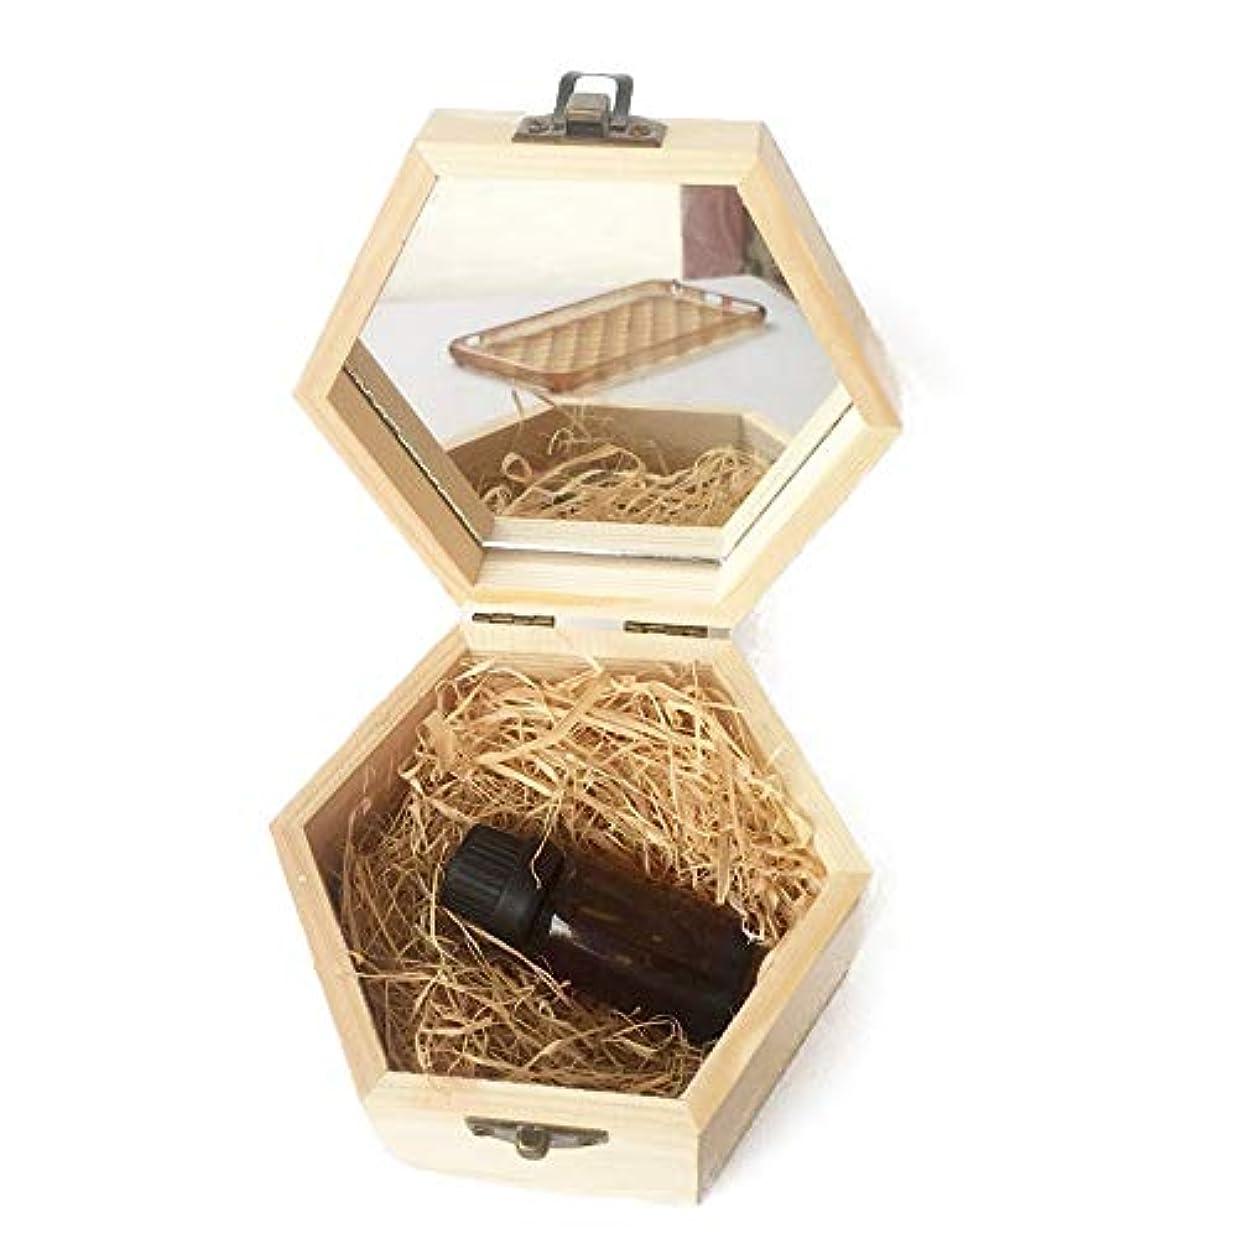 余計な農業ファンネルウェブスパイダーエッセンシャルオイルの保管 アロマセラピーのエッセンシャルオイル木箱の品質収納ケース (色 : Natural, サイズ : 13X11.3X6.8CM)